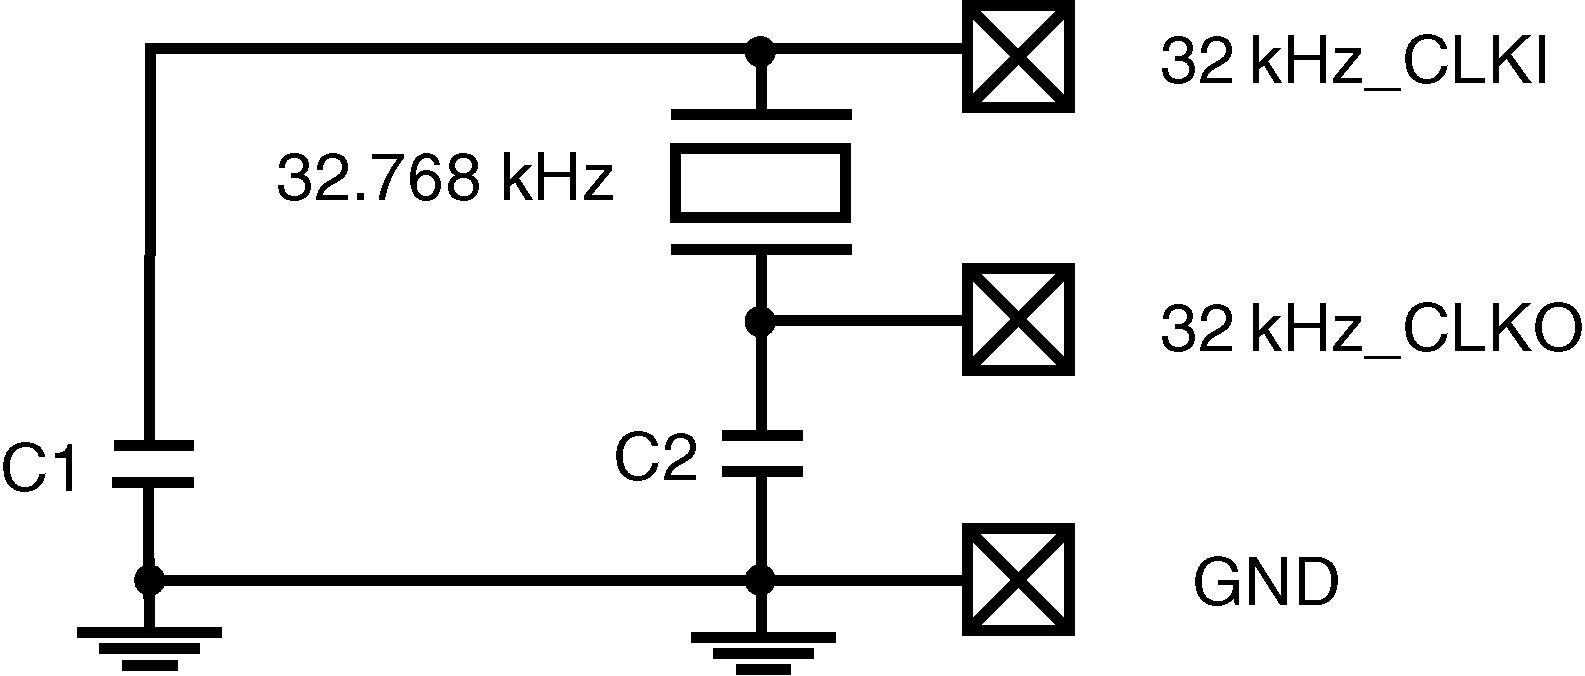 lmx9830  u30c7 u30fc u30bf u30b7 u30fc u30c8 bluetooth serial port module